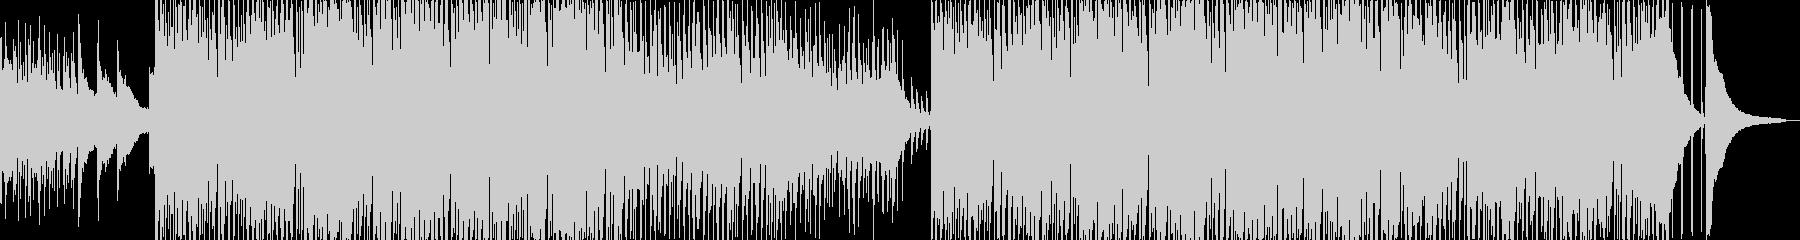 イージーリスニング ポジティブ 楽...の未再生の波形